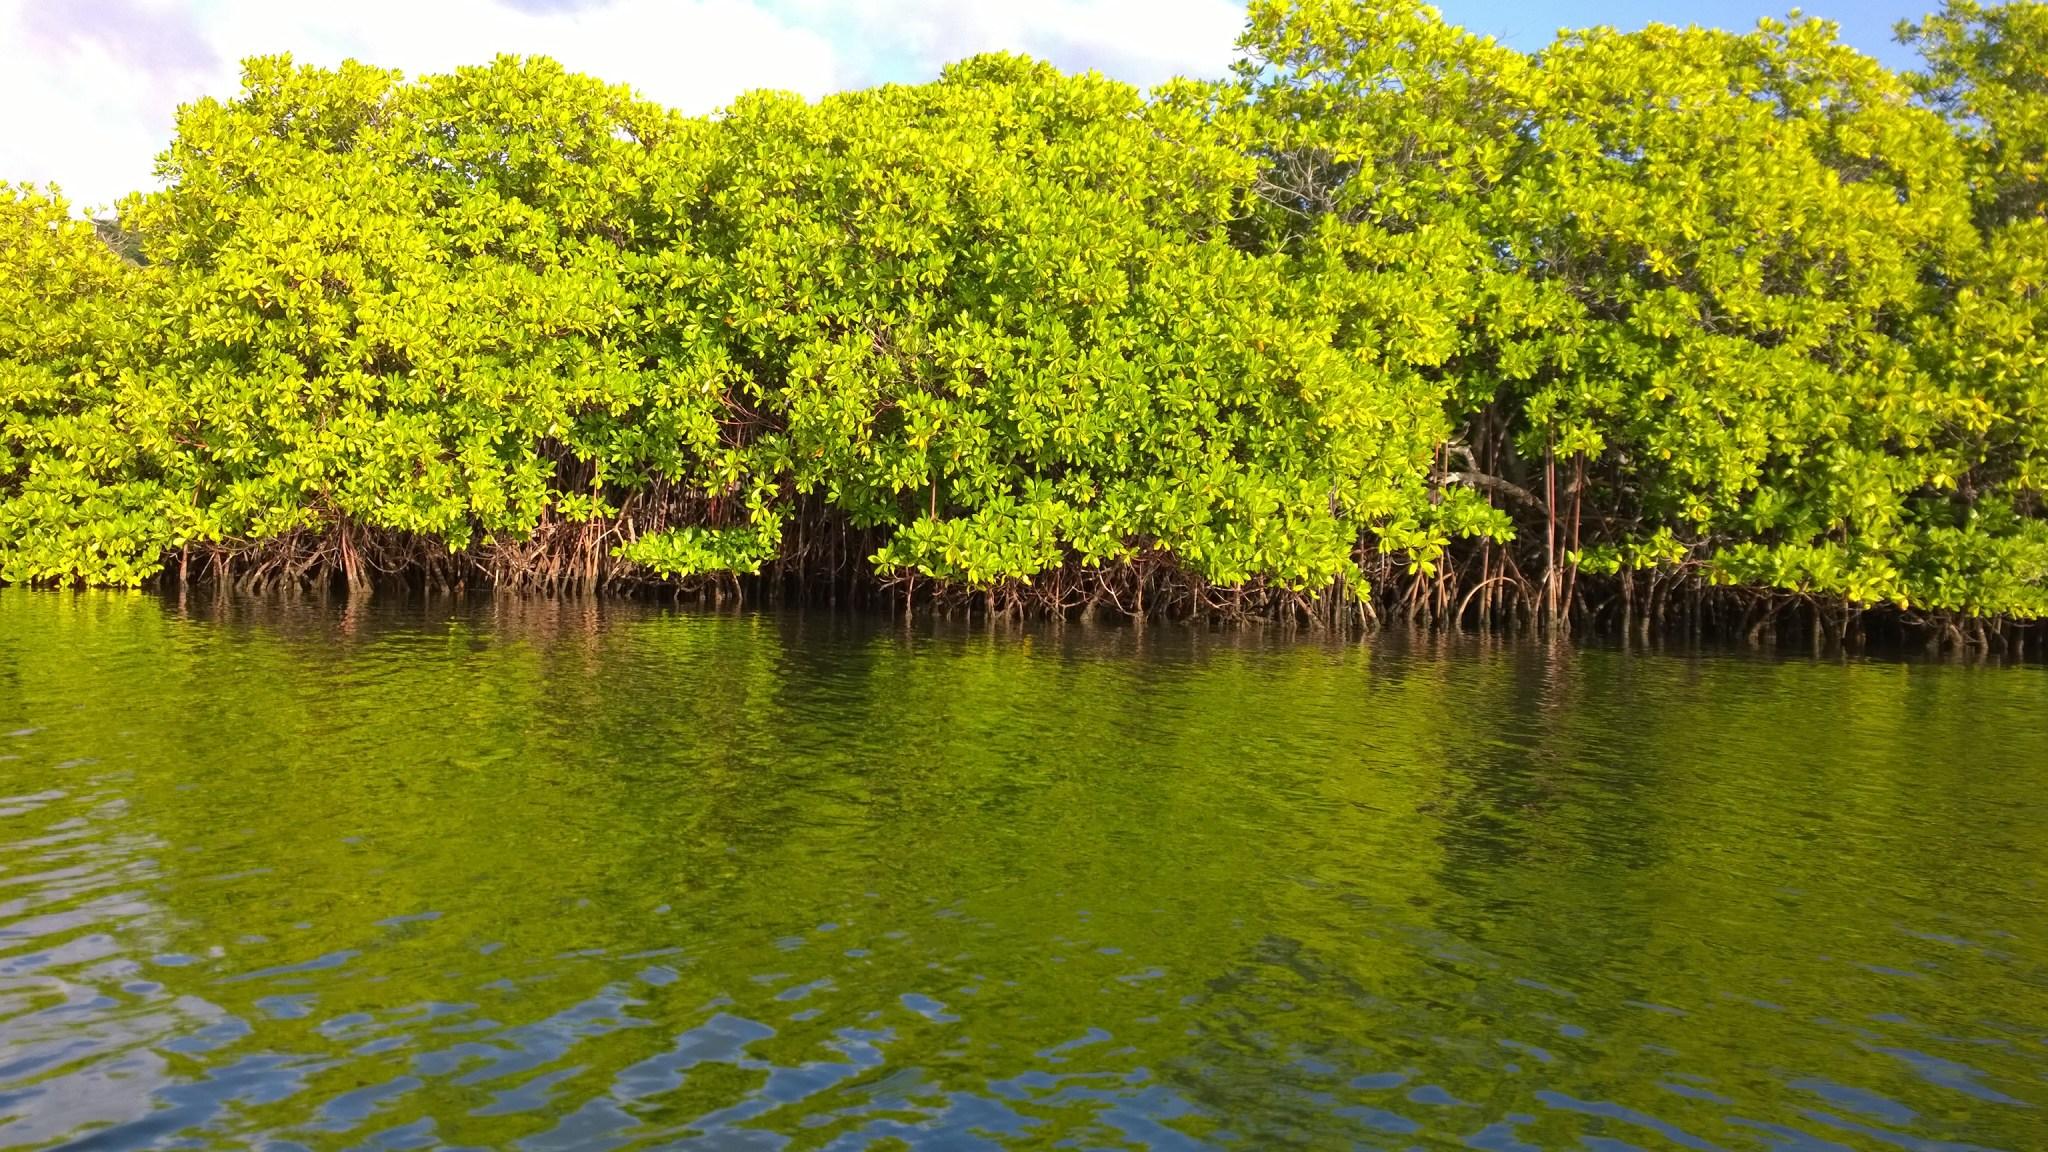 Let me present you, mangrove-räme! No niin, nyt olet nähnyt kaiken nähtävän, eikä tarvitse maksaa 100 Karibian dollaria rämeen näkemisestä Tyrrel Bayssa.